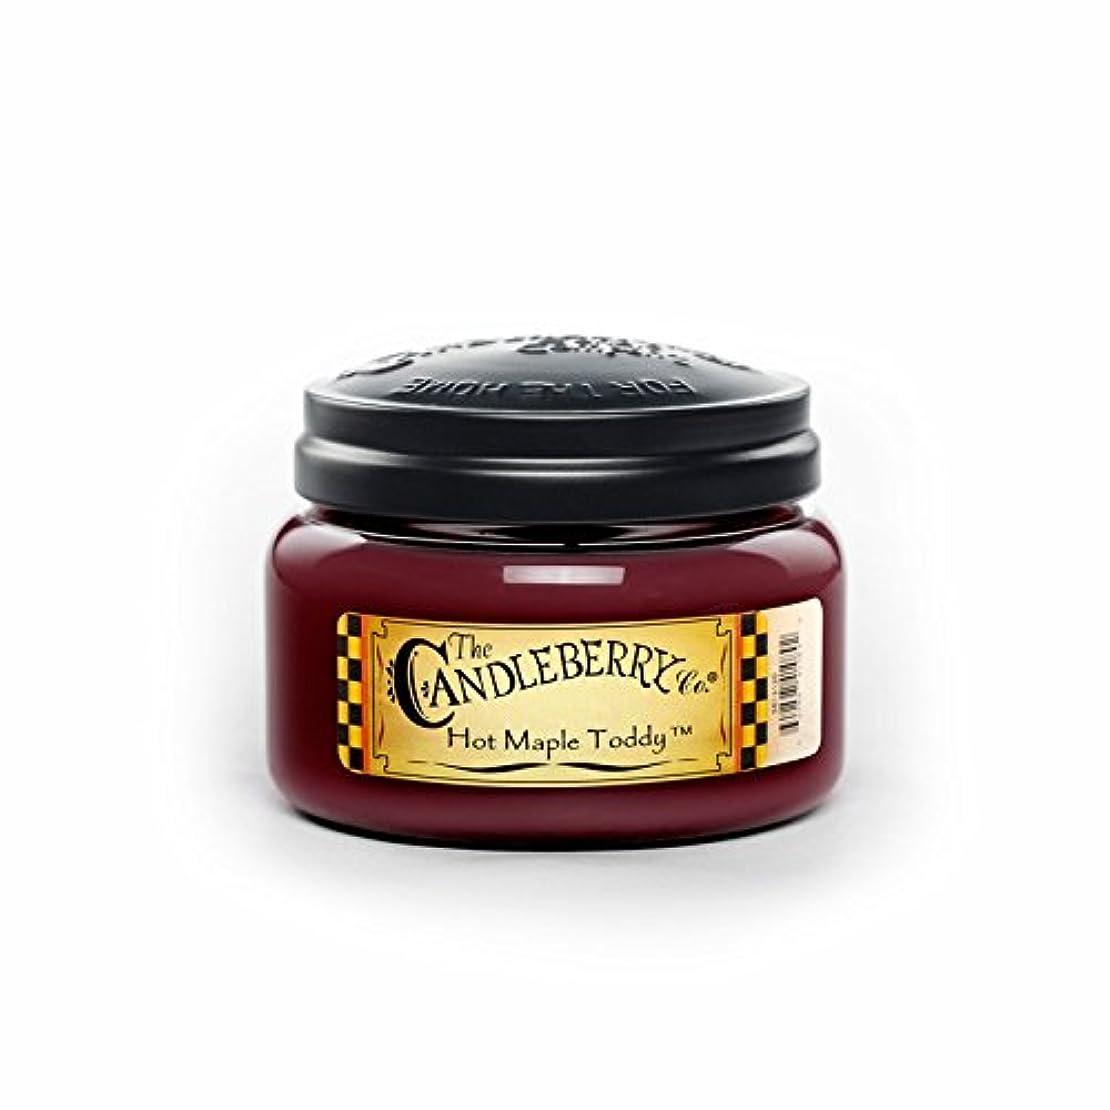 緊急鎮静剤クアッガホットMaple Toddy Toddy 10オンスJar Candleberry Small Candle